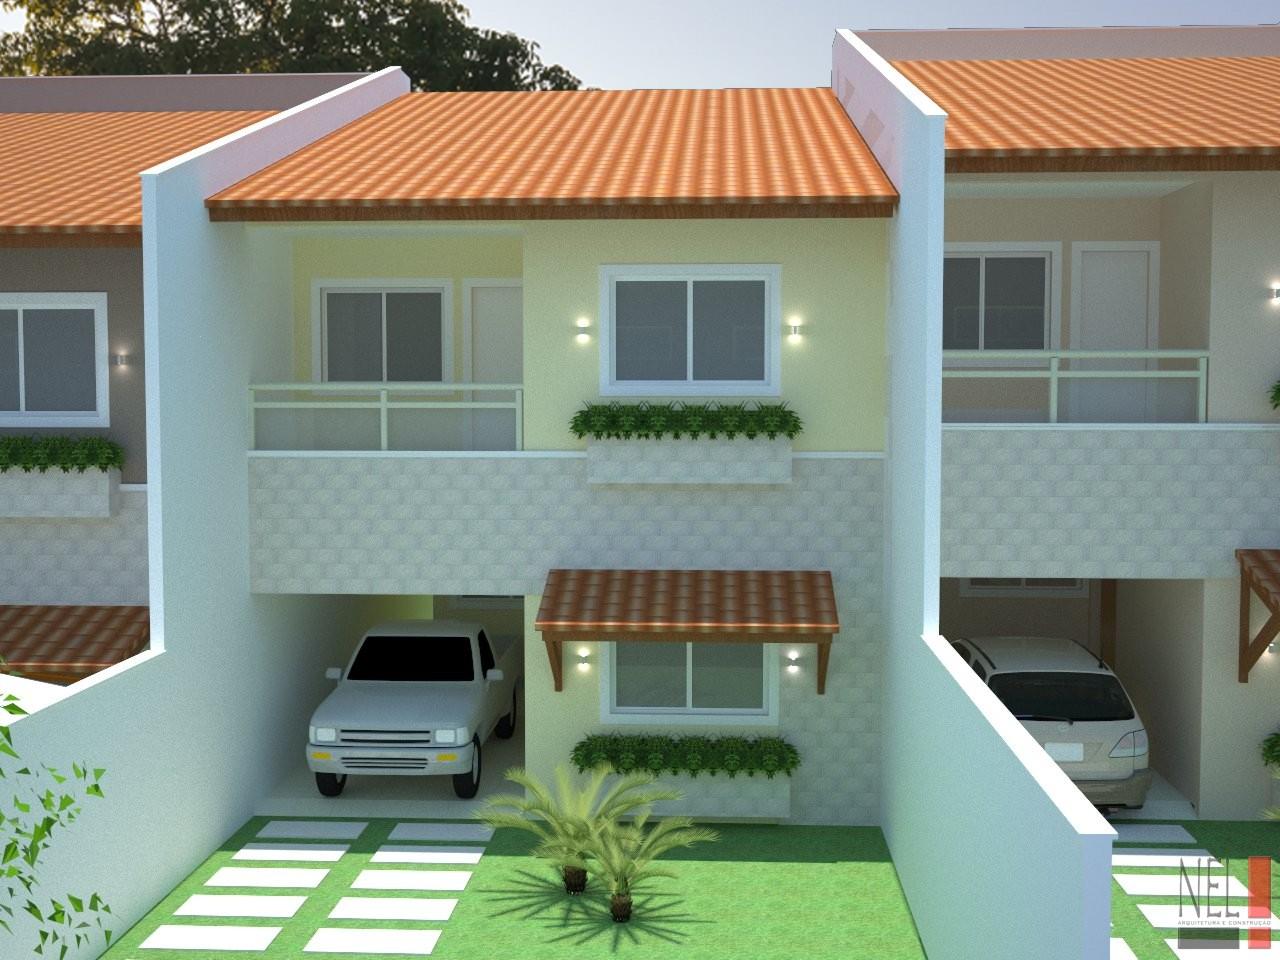 Modelo casa popular geminada for Modelo de casa x dentro